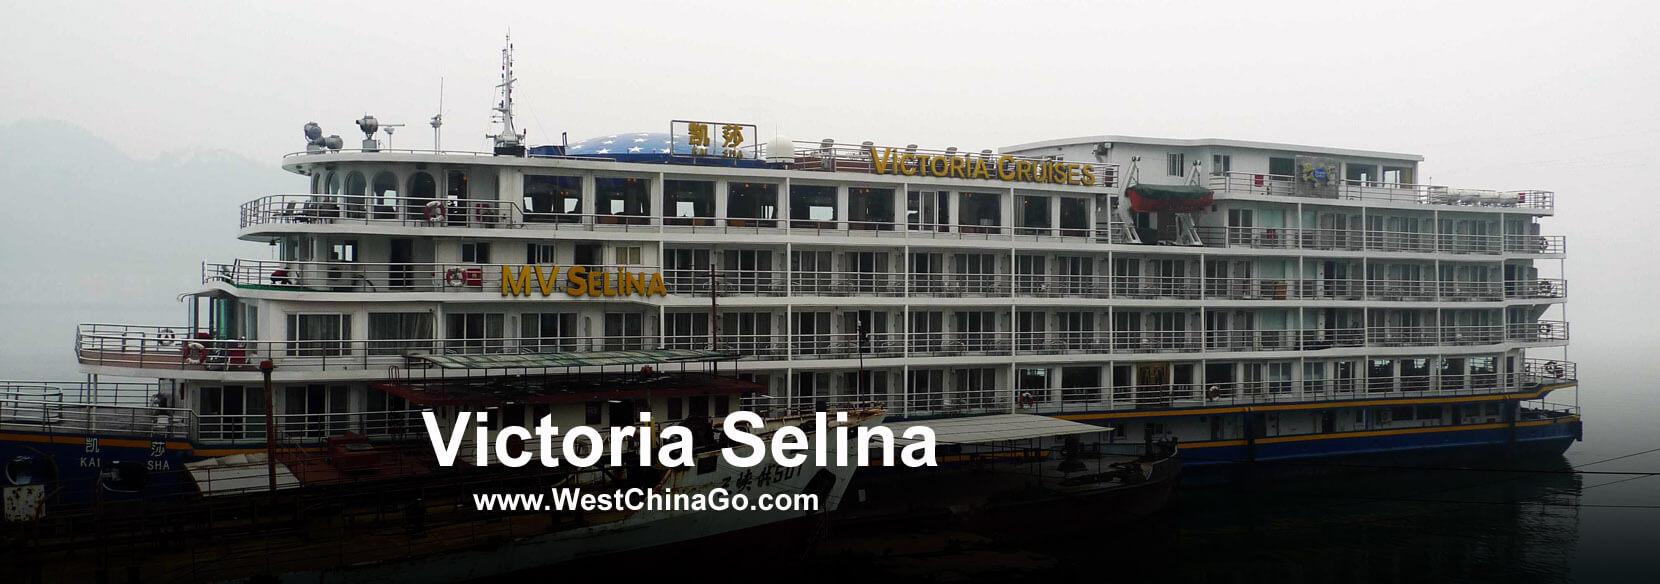 Victoria Selina